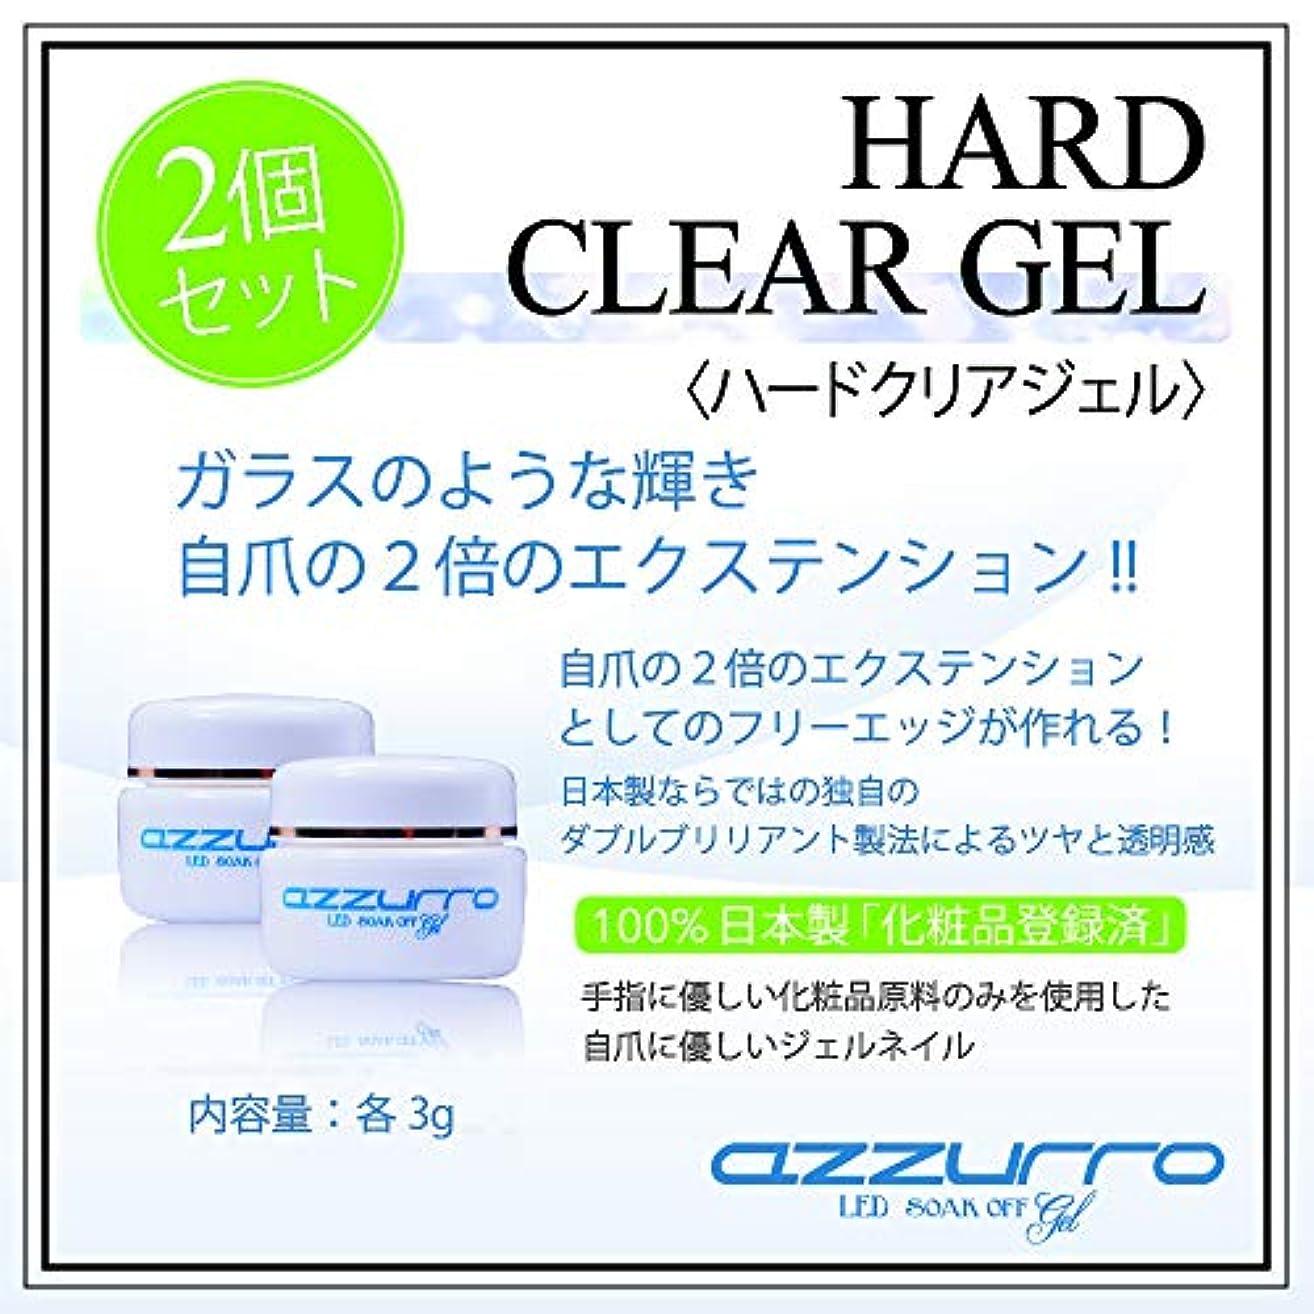 サバントネクタイ損なうazzurro gel アッズーロハードクリアージェル 3g お得な2個セット キラキラ感持続 抜群のツヤ